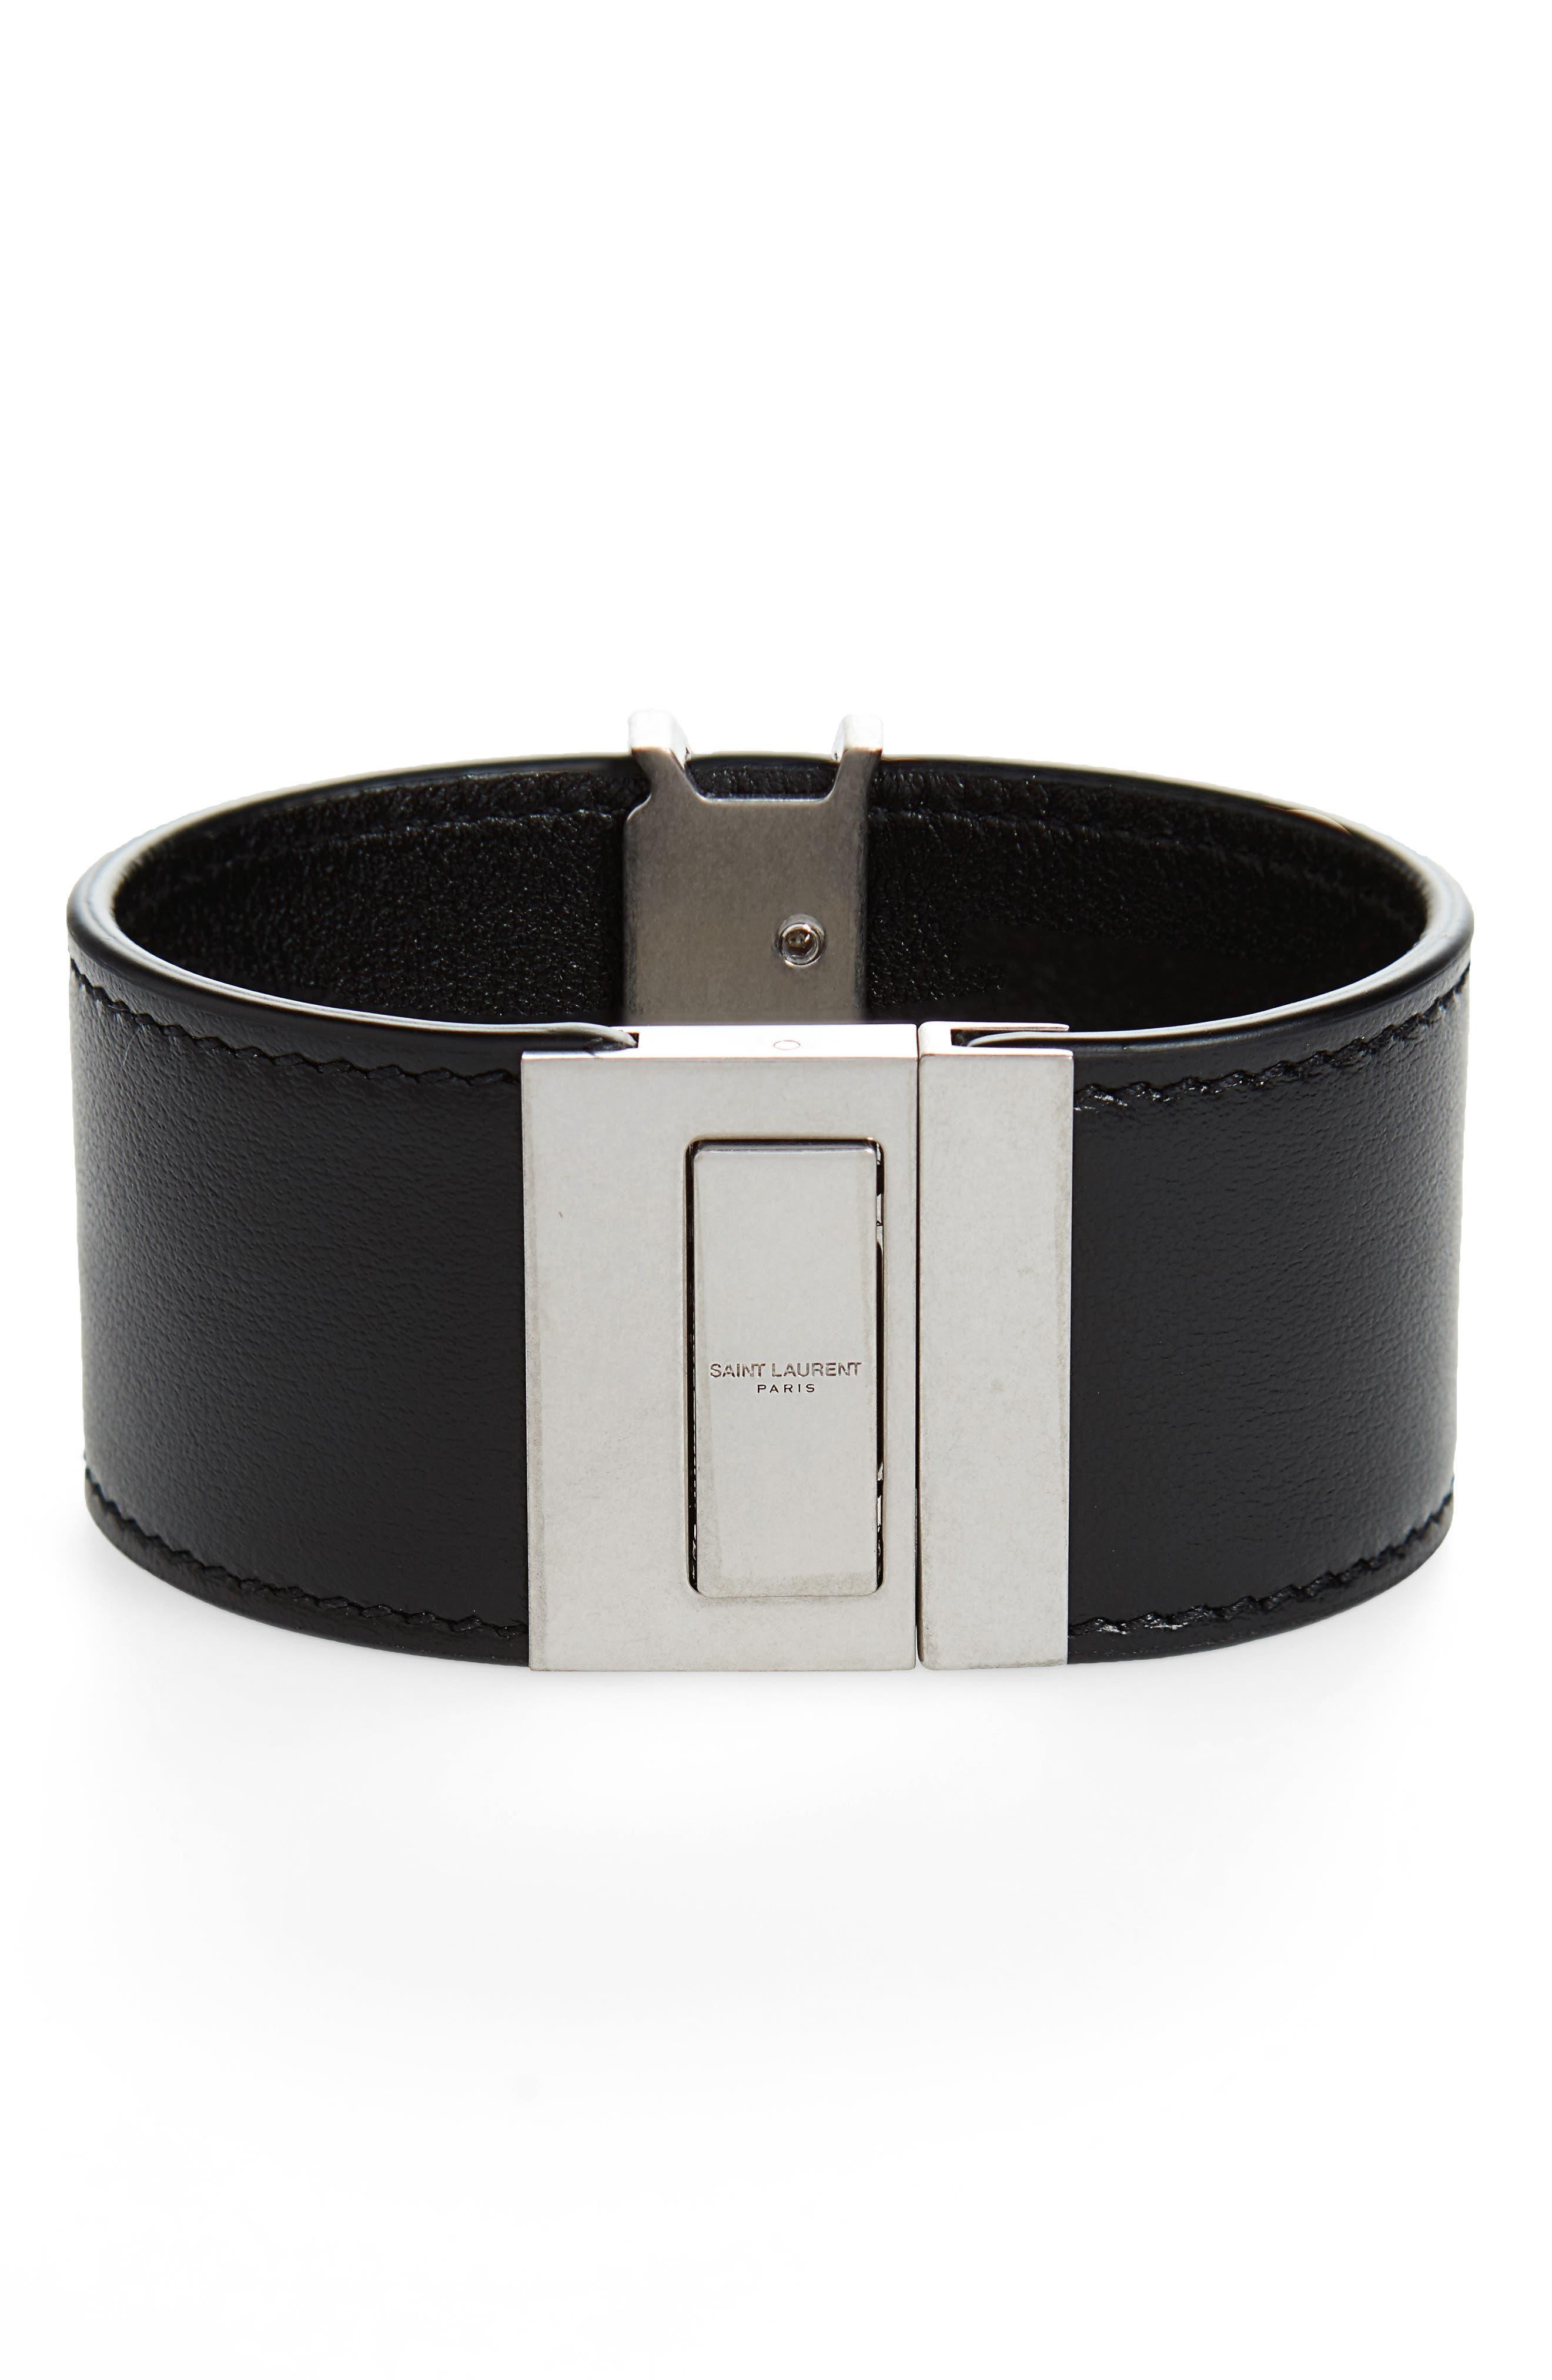 Saint Laurent Leather Cuff Bracelet